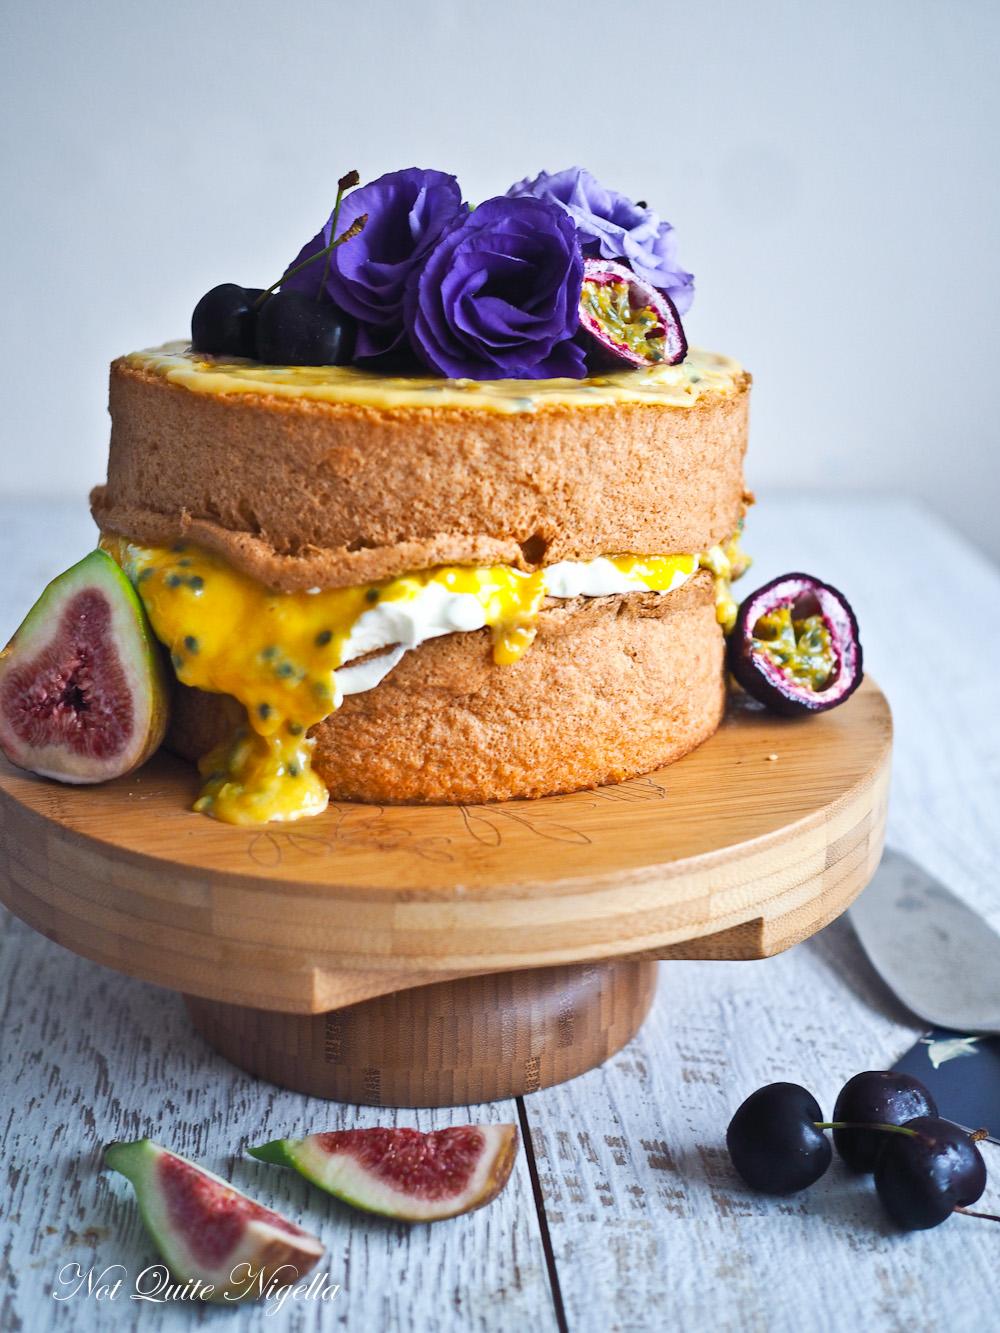 Top 5 Sponge Cakes